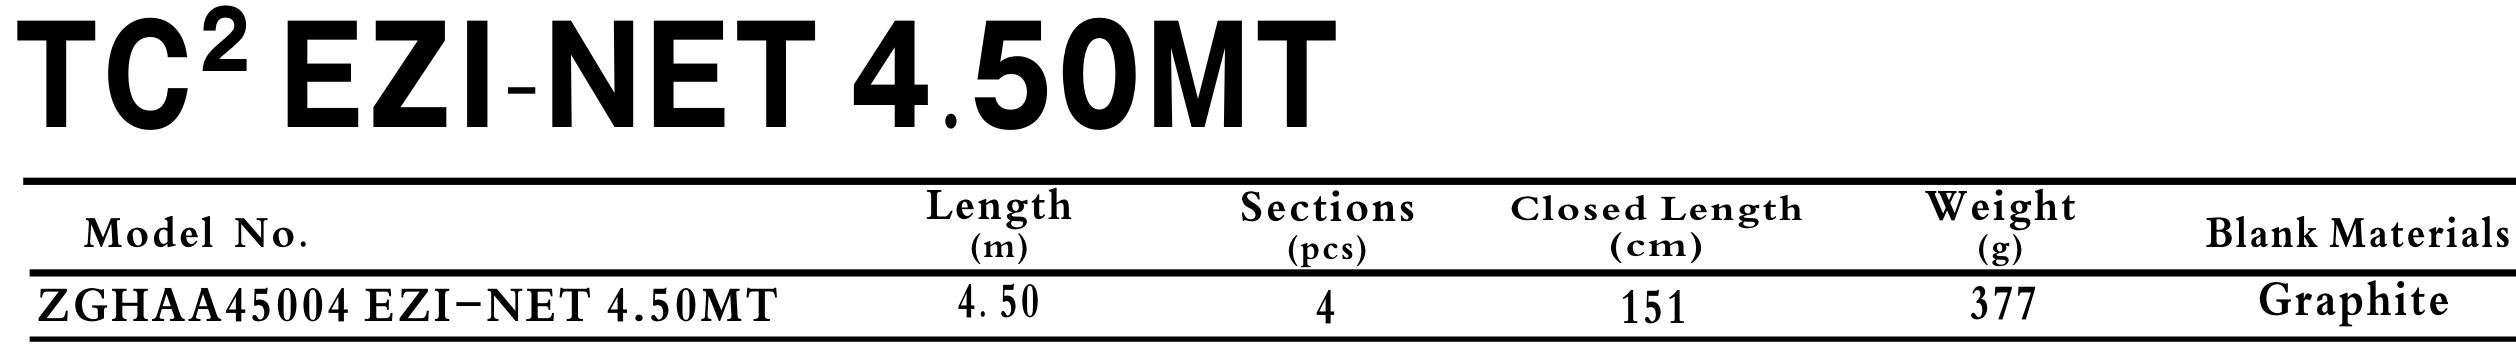 tc2-ezi-net-4-5mt